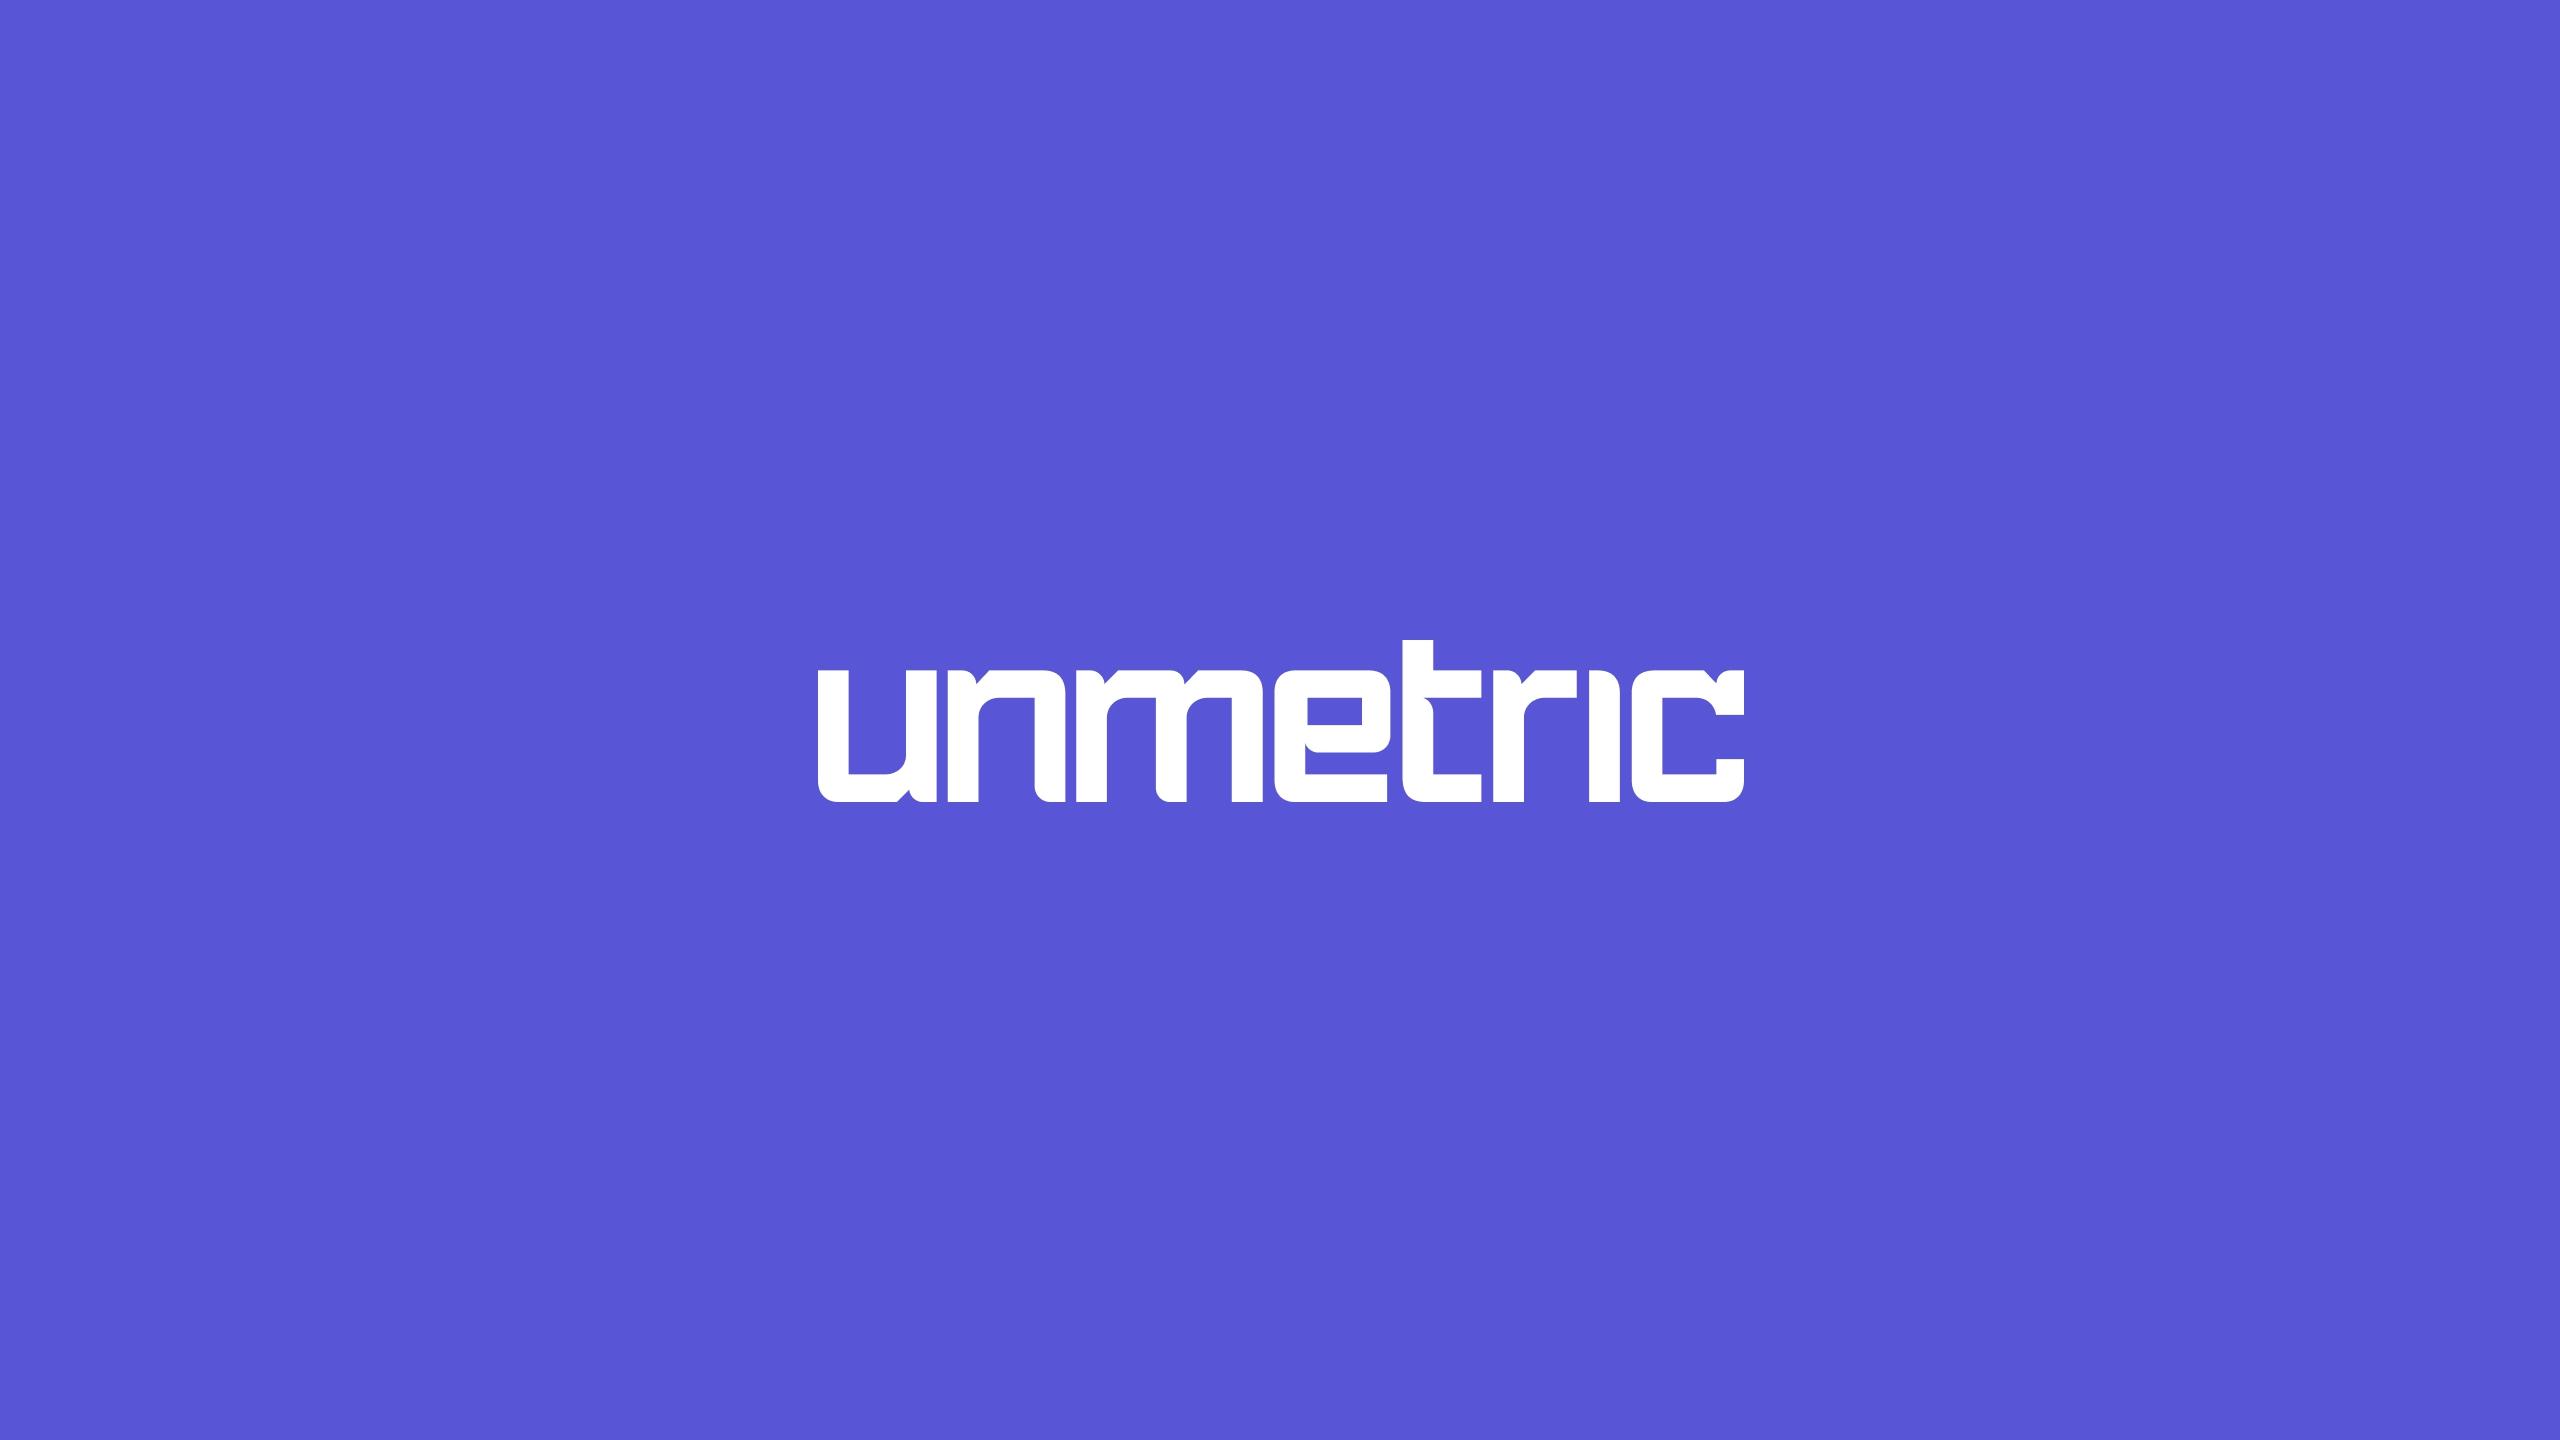 Unmetric